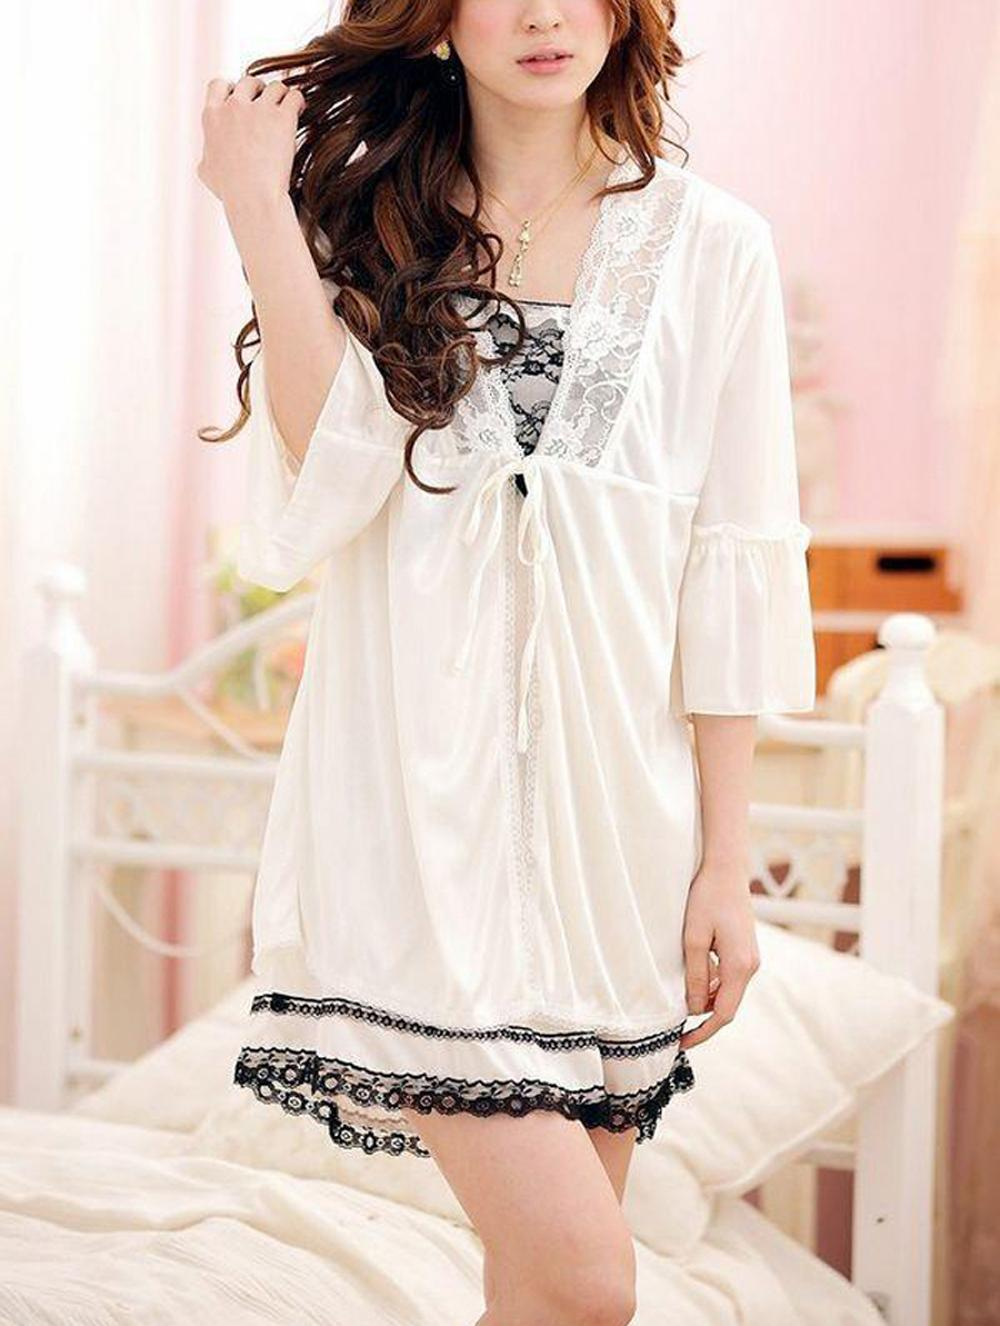 Moda Kadınlar Bayanlar Seksi Yaz Dantel Askı Gece Elbise Pijama Seti SL